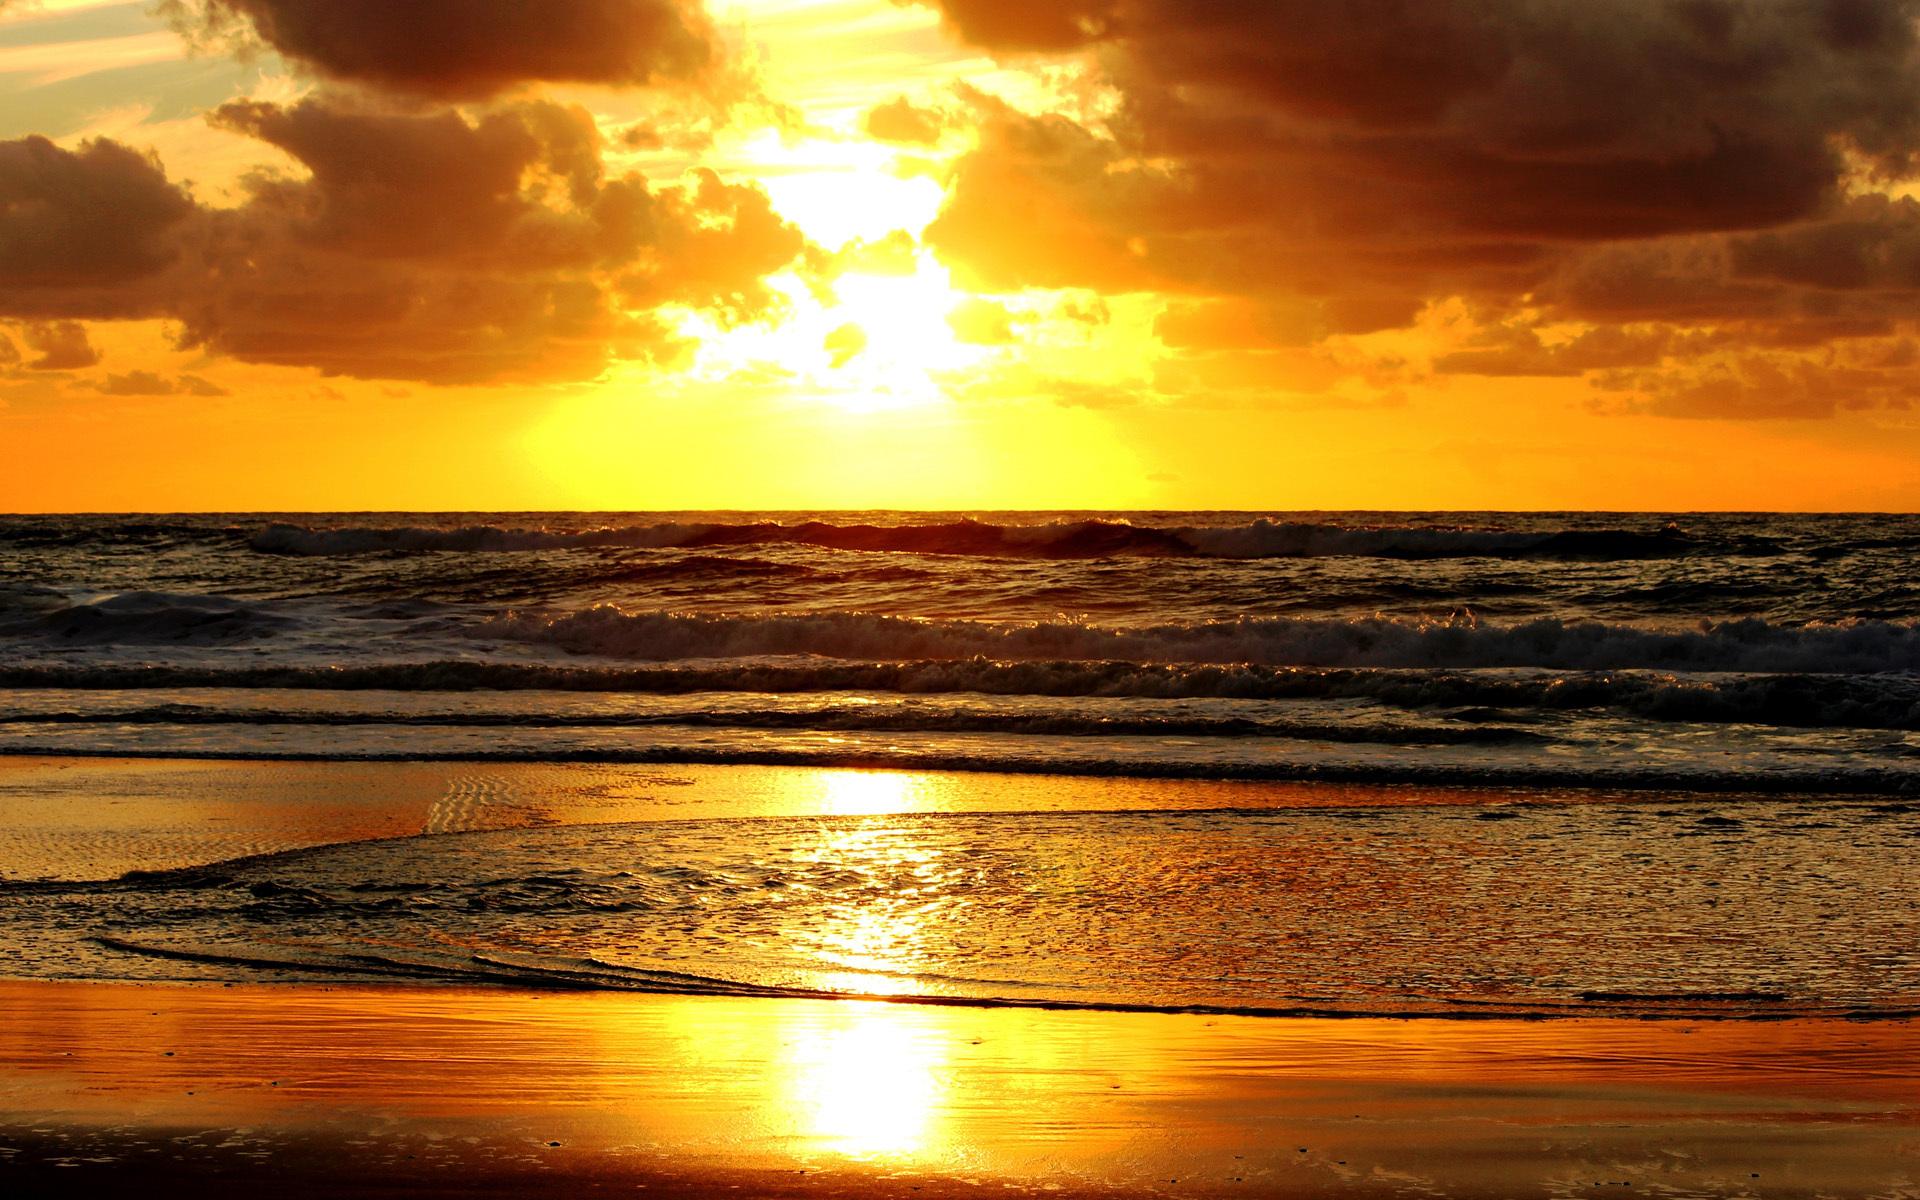 Golden Sunset HD wallpapers